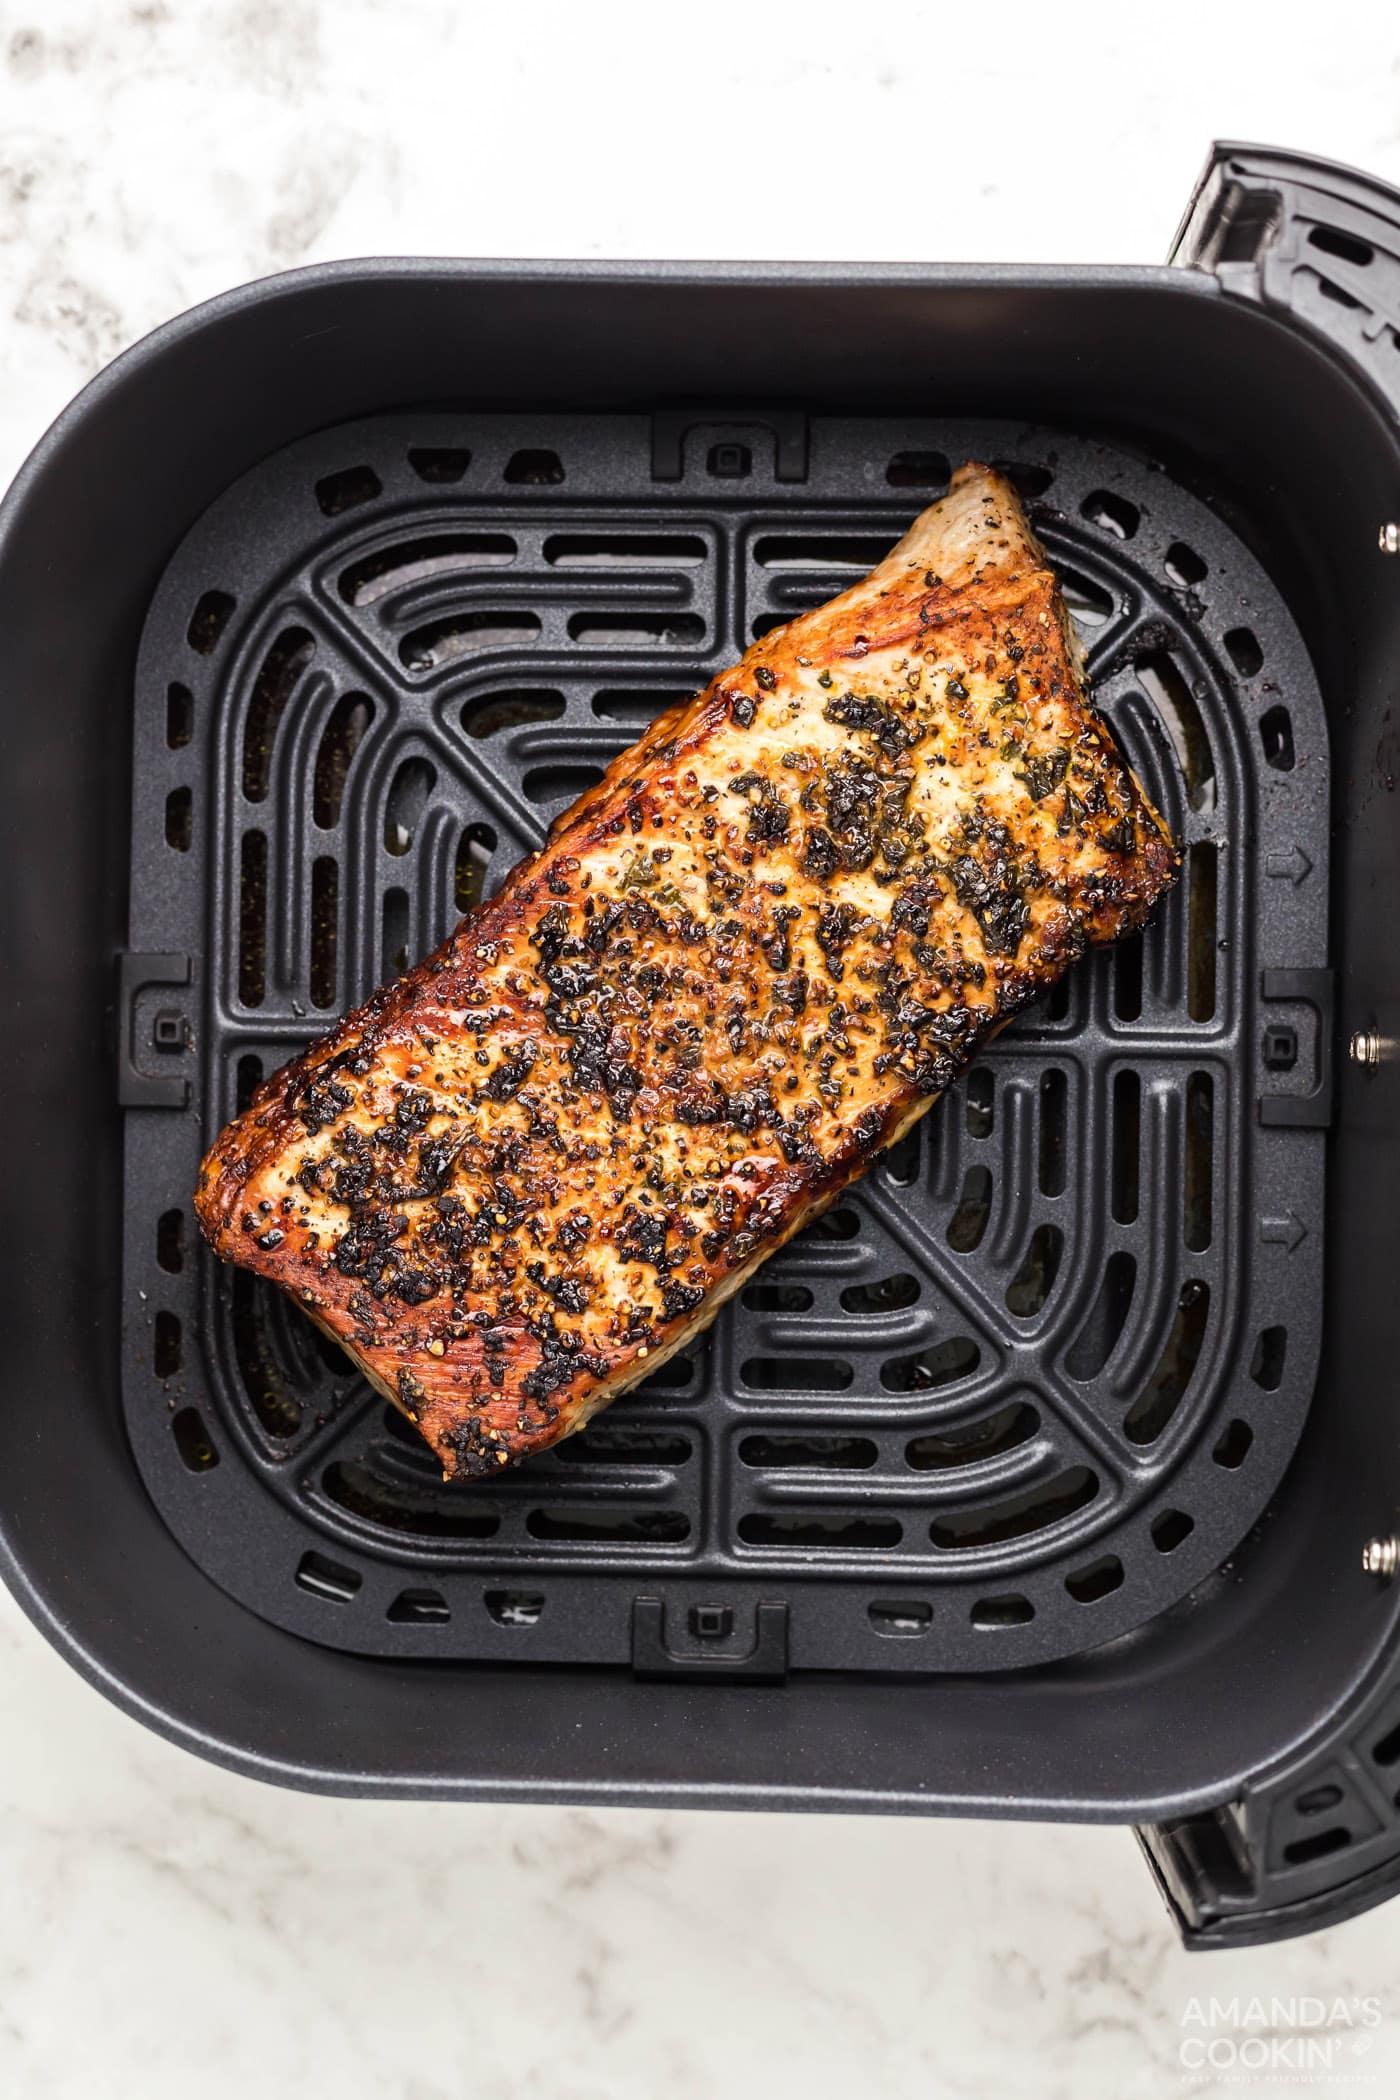 cooked pork tenderloin in the air fryer